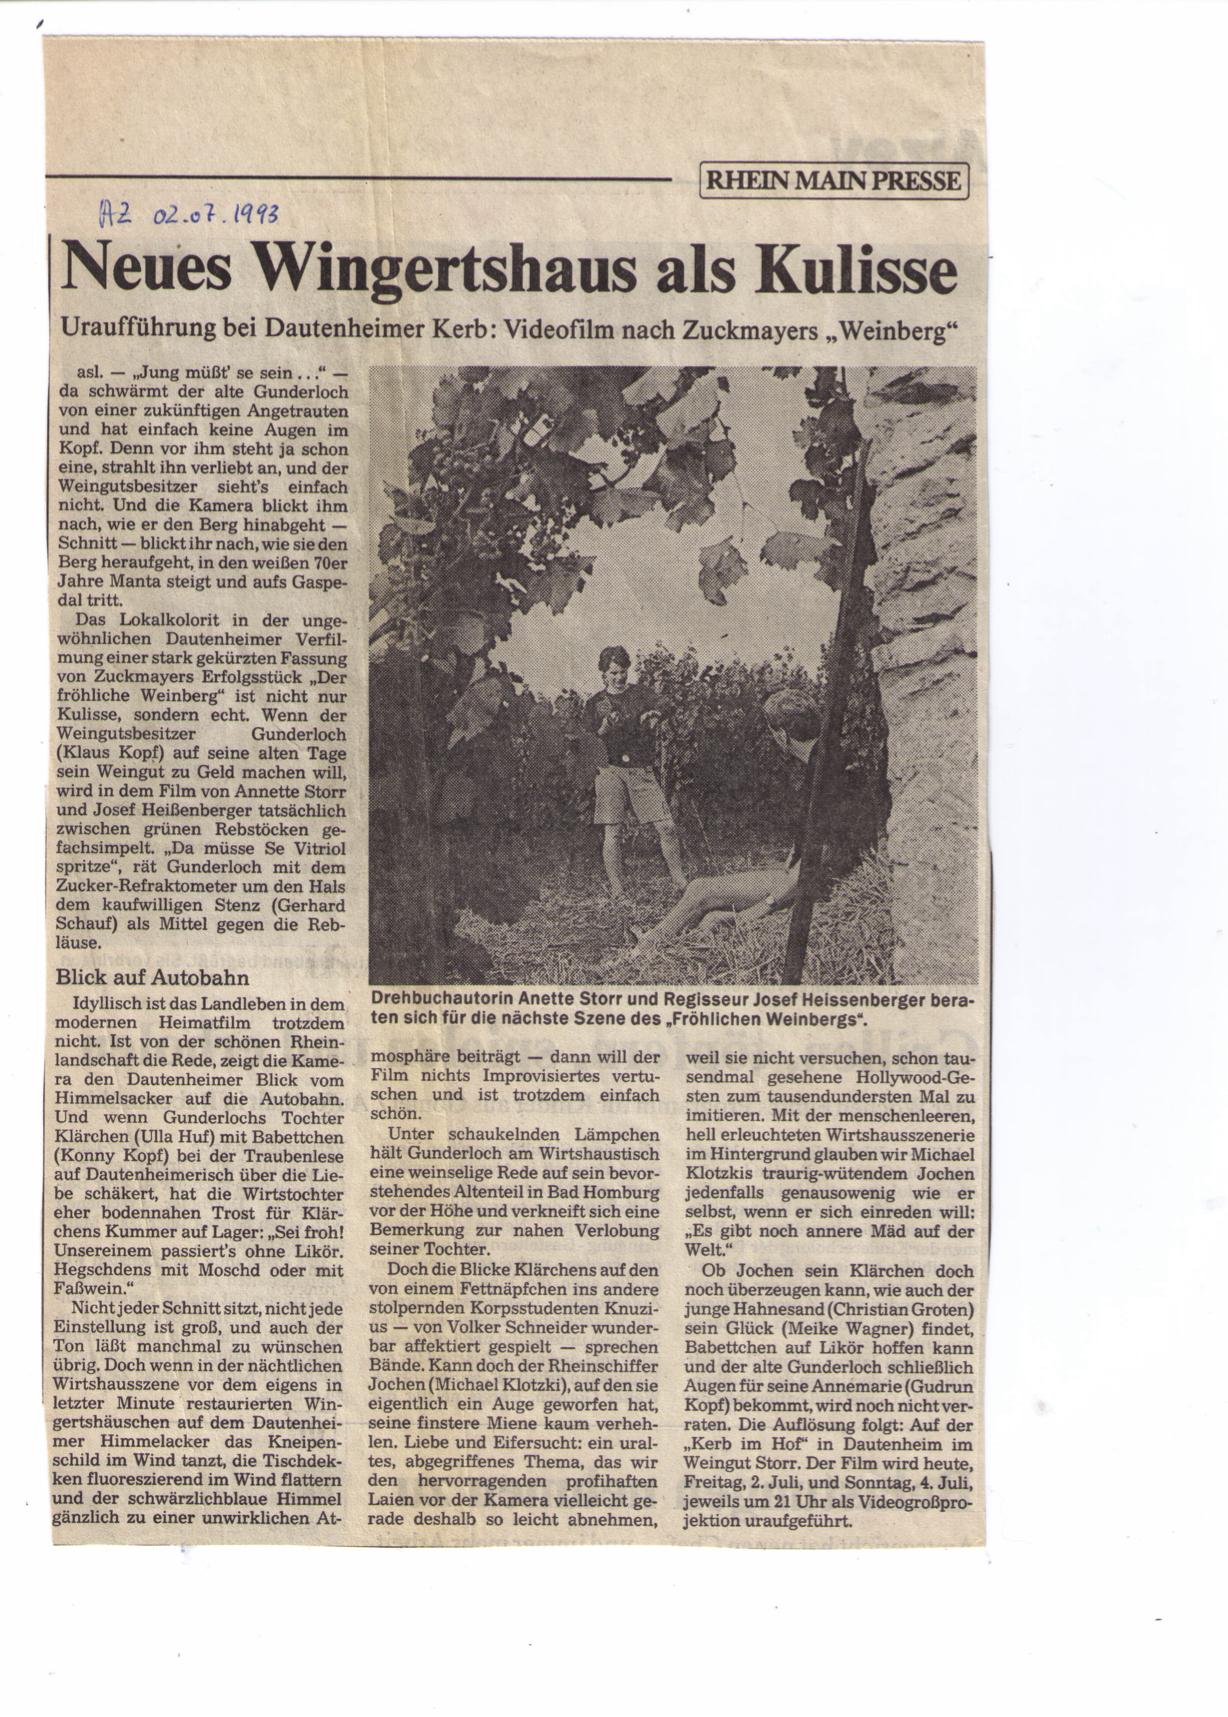 froehlicher weinberg.kritik